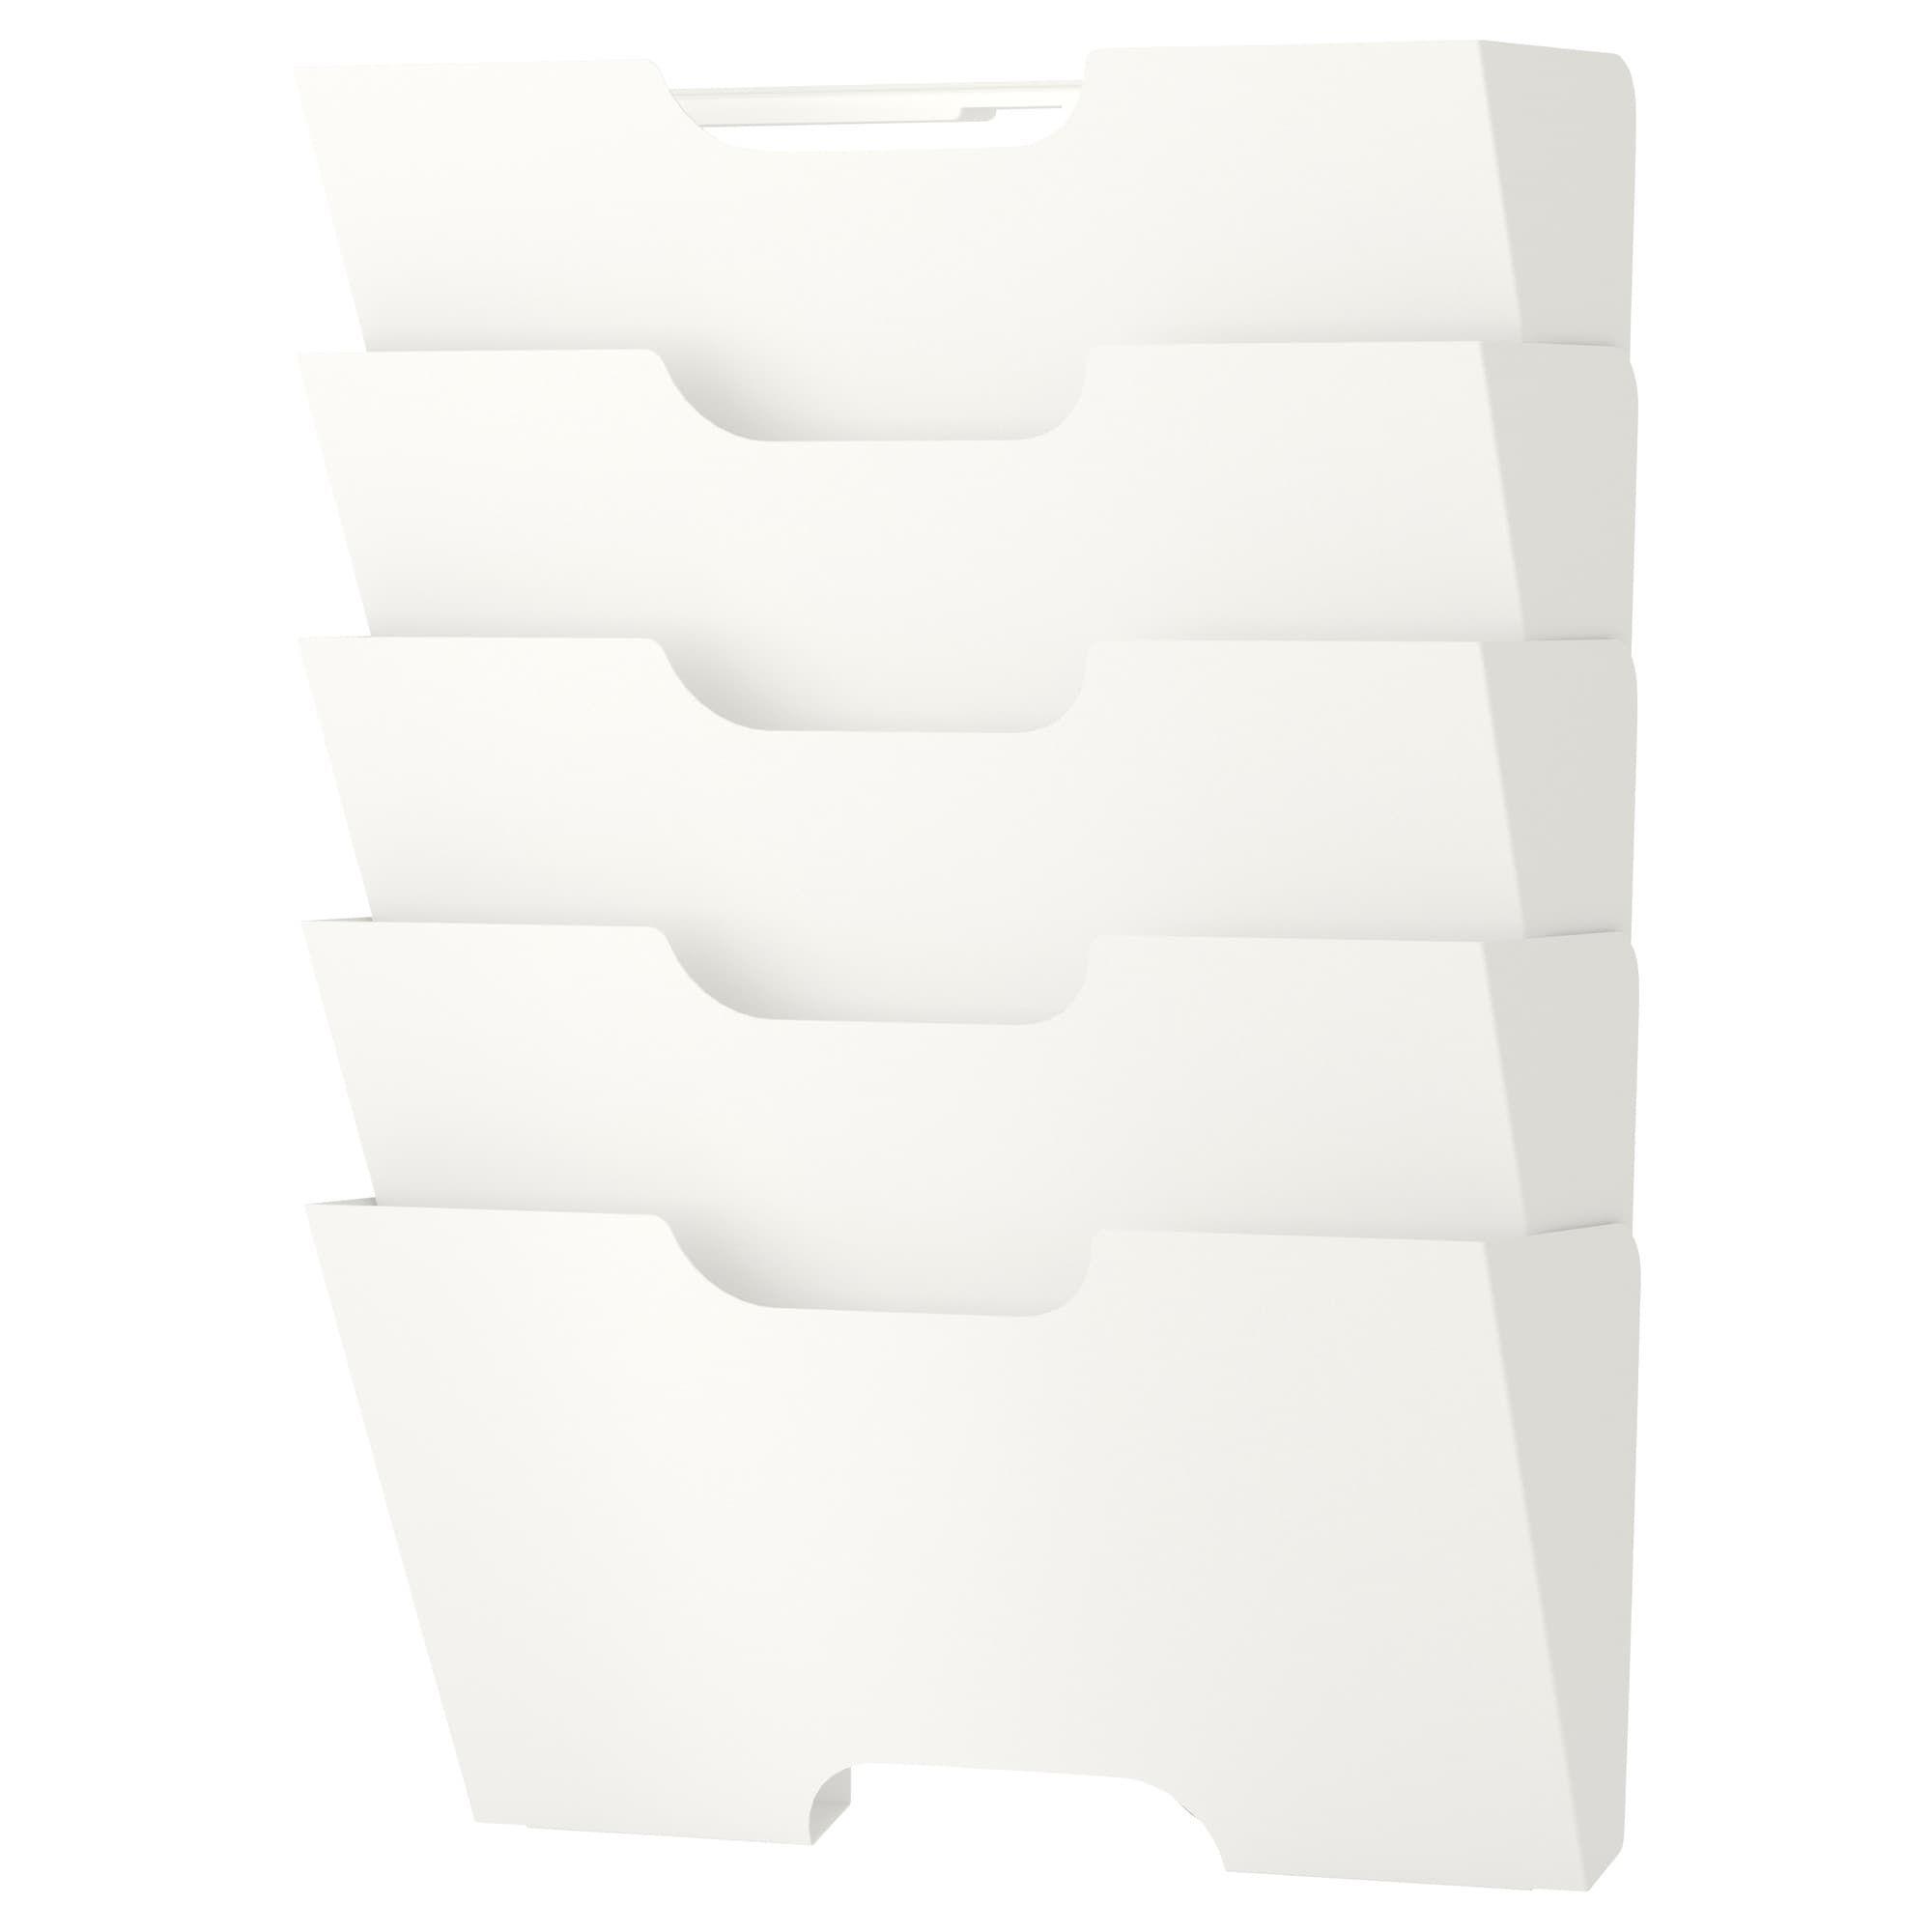 Ikea Kvissle White Wall Magazine Rack Ikea Wall File Ikea Wall